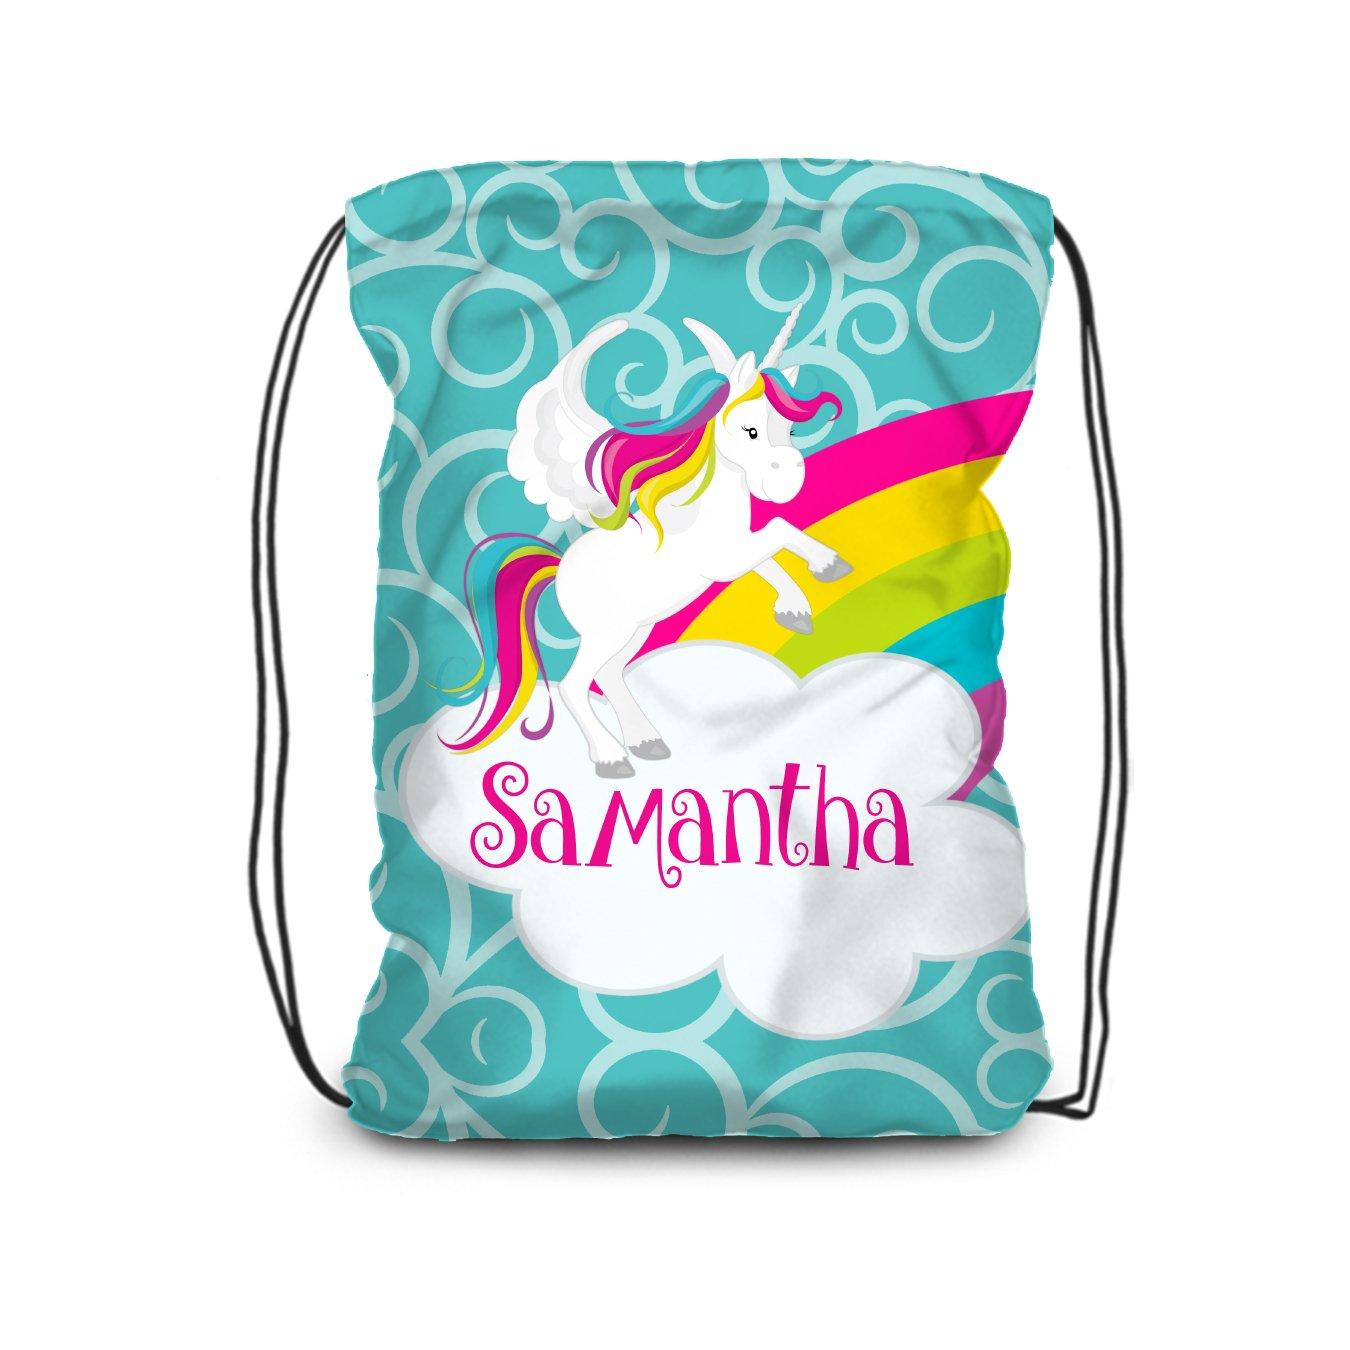 Unicorn Drawstring Backpack - Turquoise Magical Rainbow Unicorn Personalized Name Bag